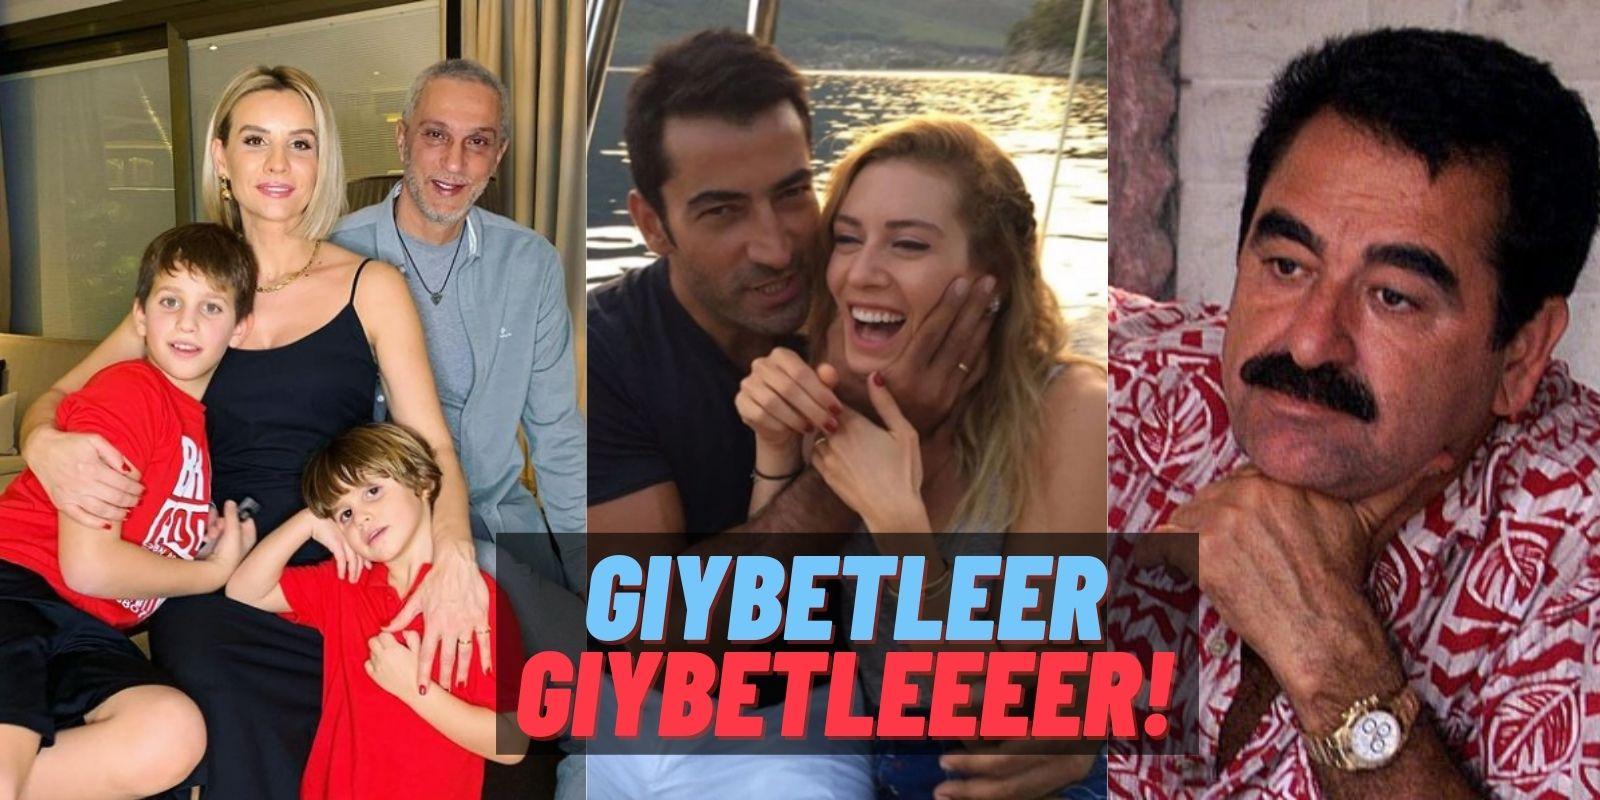 Dedikodu Kazanı: 11 Yıl Sonra İbrahim Tatlıses'ten Yeni Şarkı, Serenay Sarıkaya'dan Aşk İddialarına Jet Yanıt!